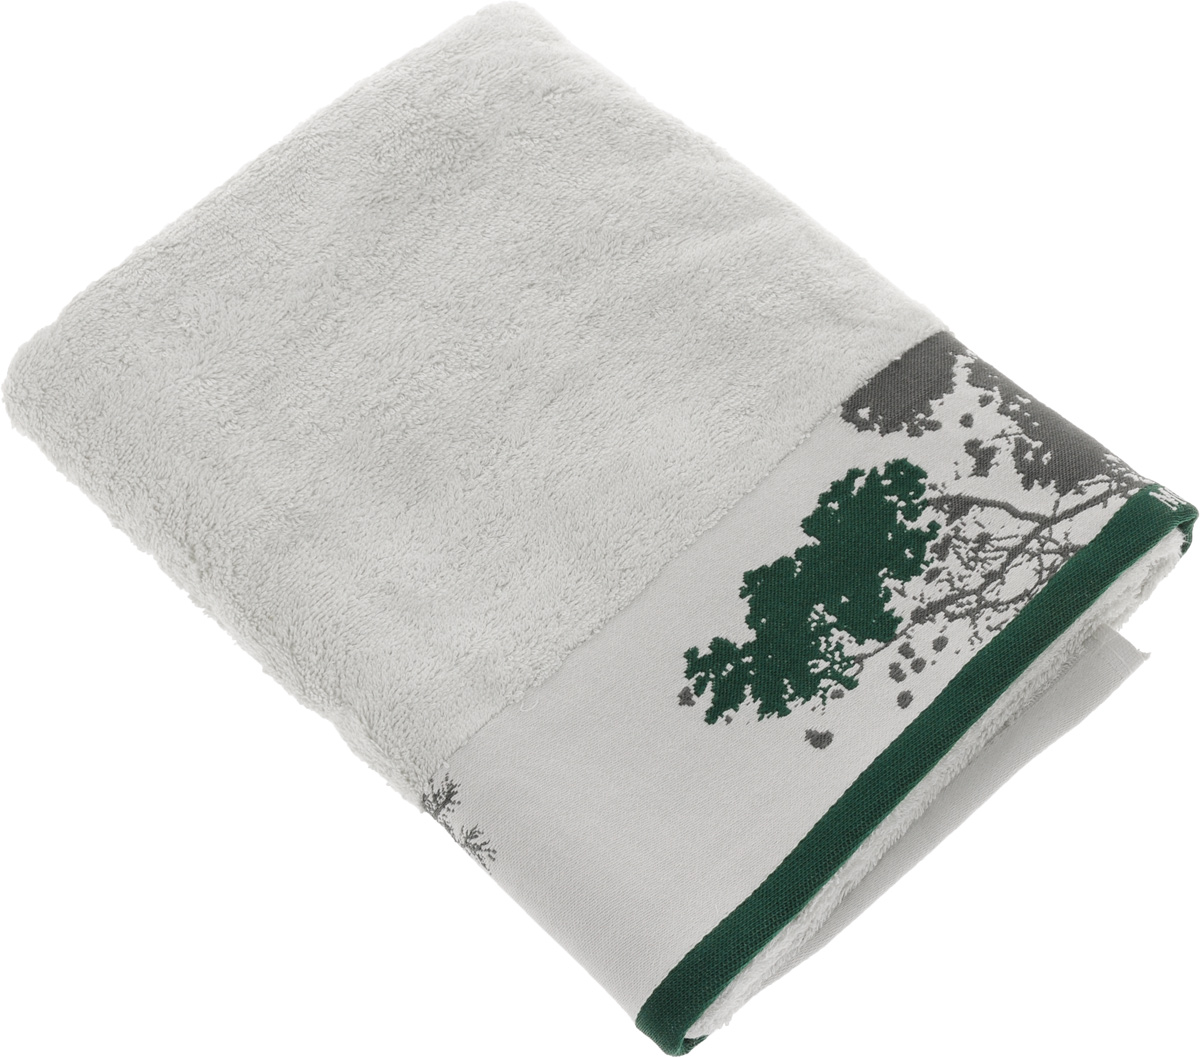 """Мягкое полотенце """"Nature"""" изготовлено из 30%  хлопка и 70% бамбукового волокна. Полотенце  """"Nature"""" с жаккардовым бордюром обладает  высокой впитывающей способностью и сочетает в  себе элегантную роскошь и  практичность. Благодаря высокому качеству  изготовления, полотенце будет радовать вас многие  годы. Мотивы коллекции  """"Mona Liza Premium bu Serg Look"""" навеяны  итальянскими  фресками эпохи Ренессанса, периода удивительной  гармонии в искусстве. В  представленной коллекции для нанесения на ткань  рисунка применяется многоцветная печать, метод  реактивного крашения, который  позволяет создать уникальную цветовую гамму,  напоминающую старинные фрески. Этот метод  также обеспечивает высокую  устойчивость краски при стирке."""